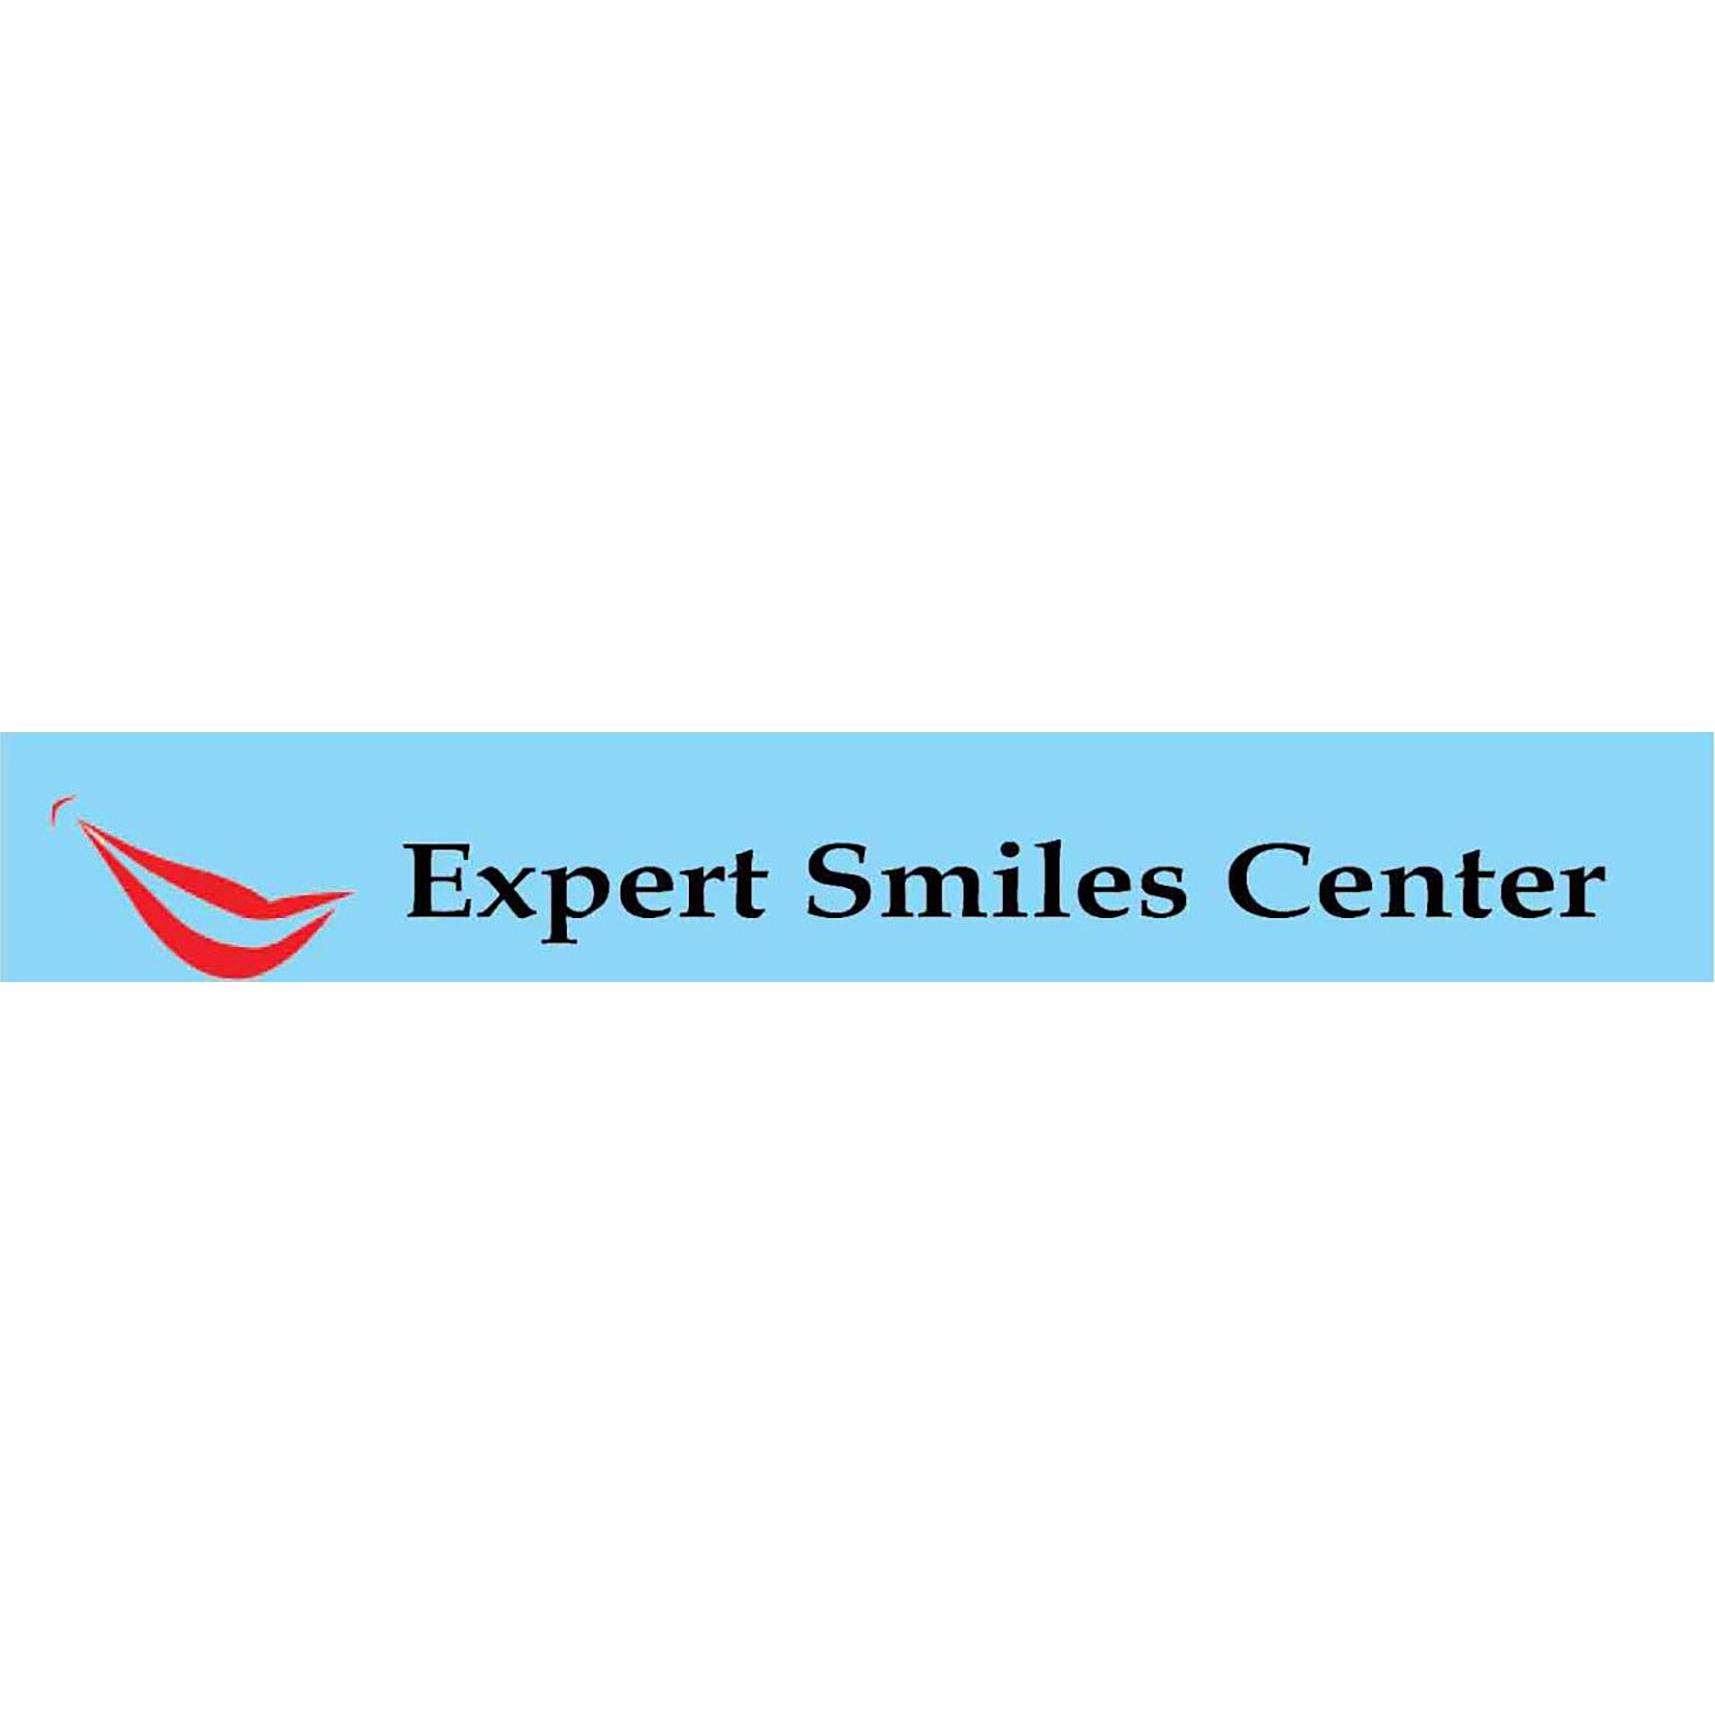 Expert Smiles Center